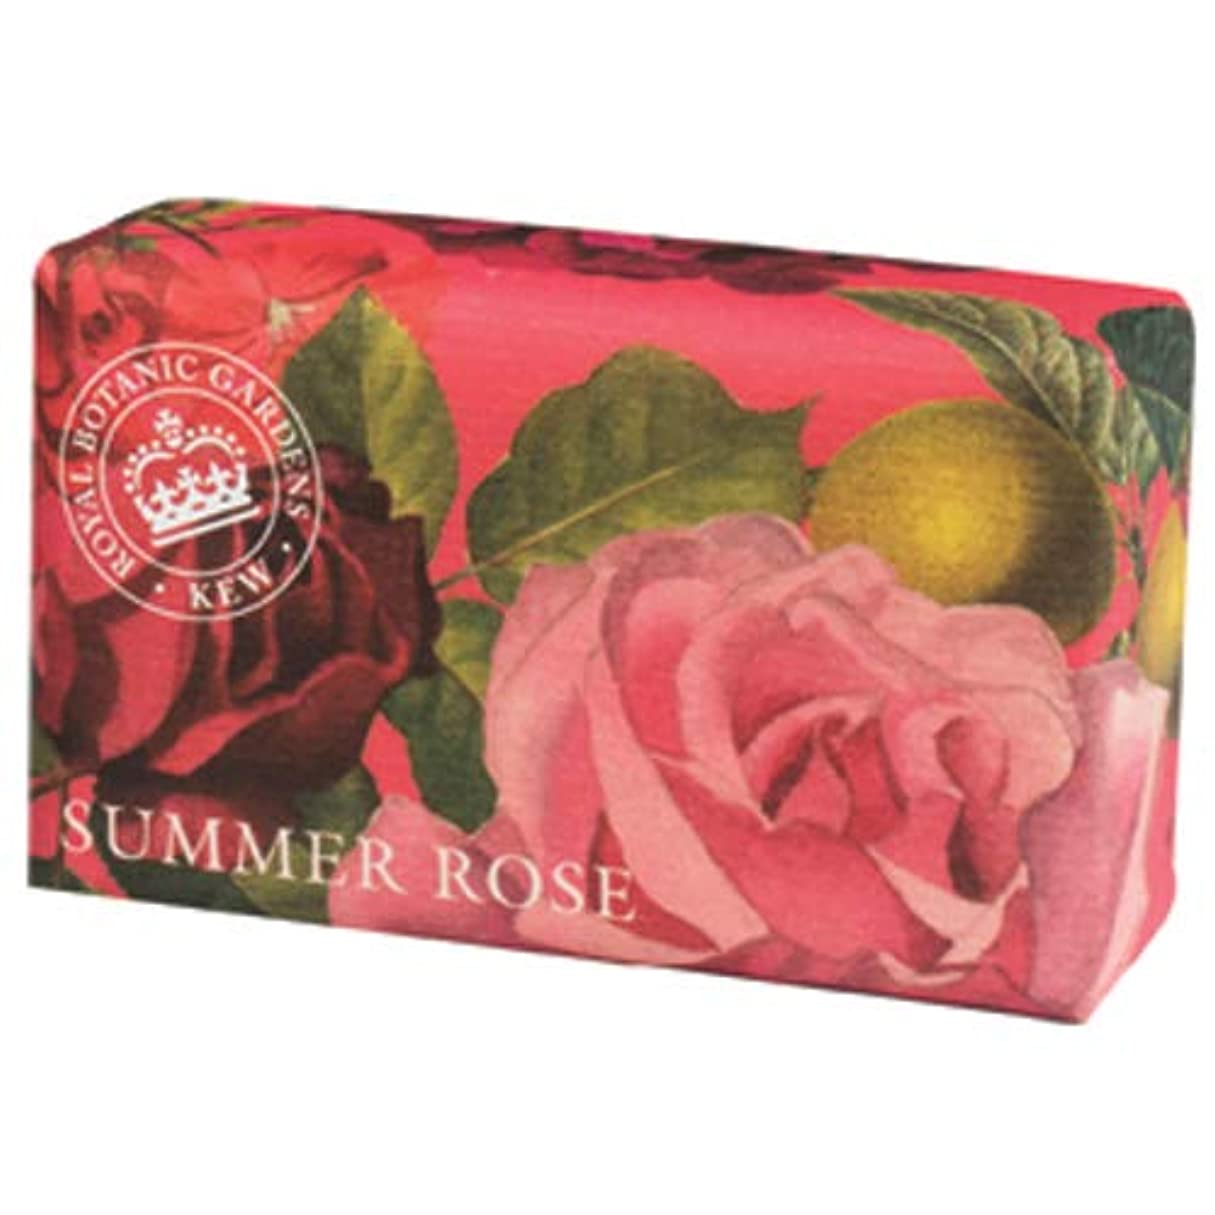 大使受粉者テナントEnglish Soap Company イングリッシュソープカンパニー KEW GARDEN キュー?ガーデン Luxury Shea Soaps シアソープ Summer Rose サマーローズ